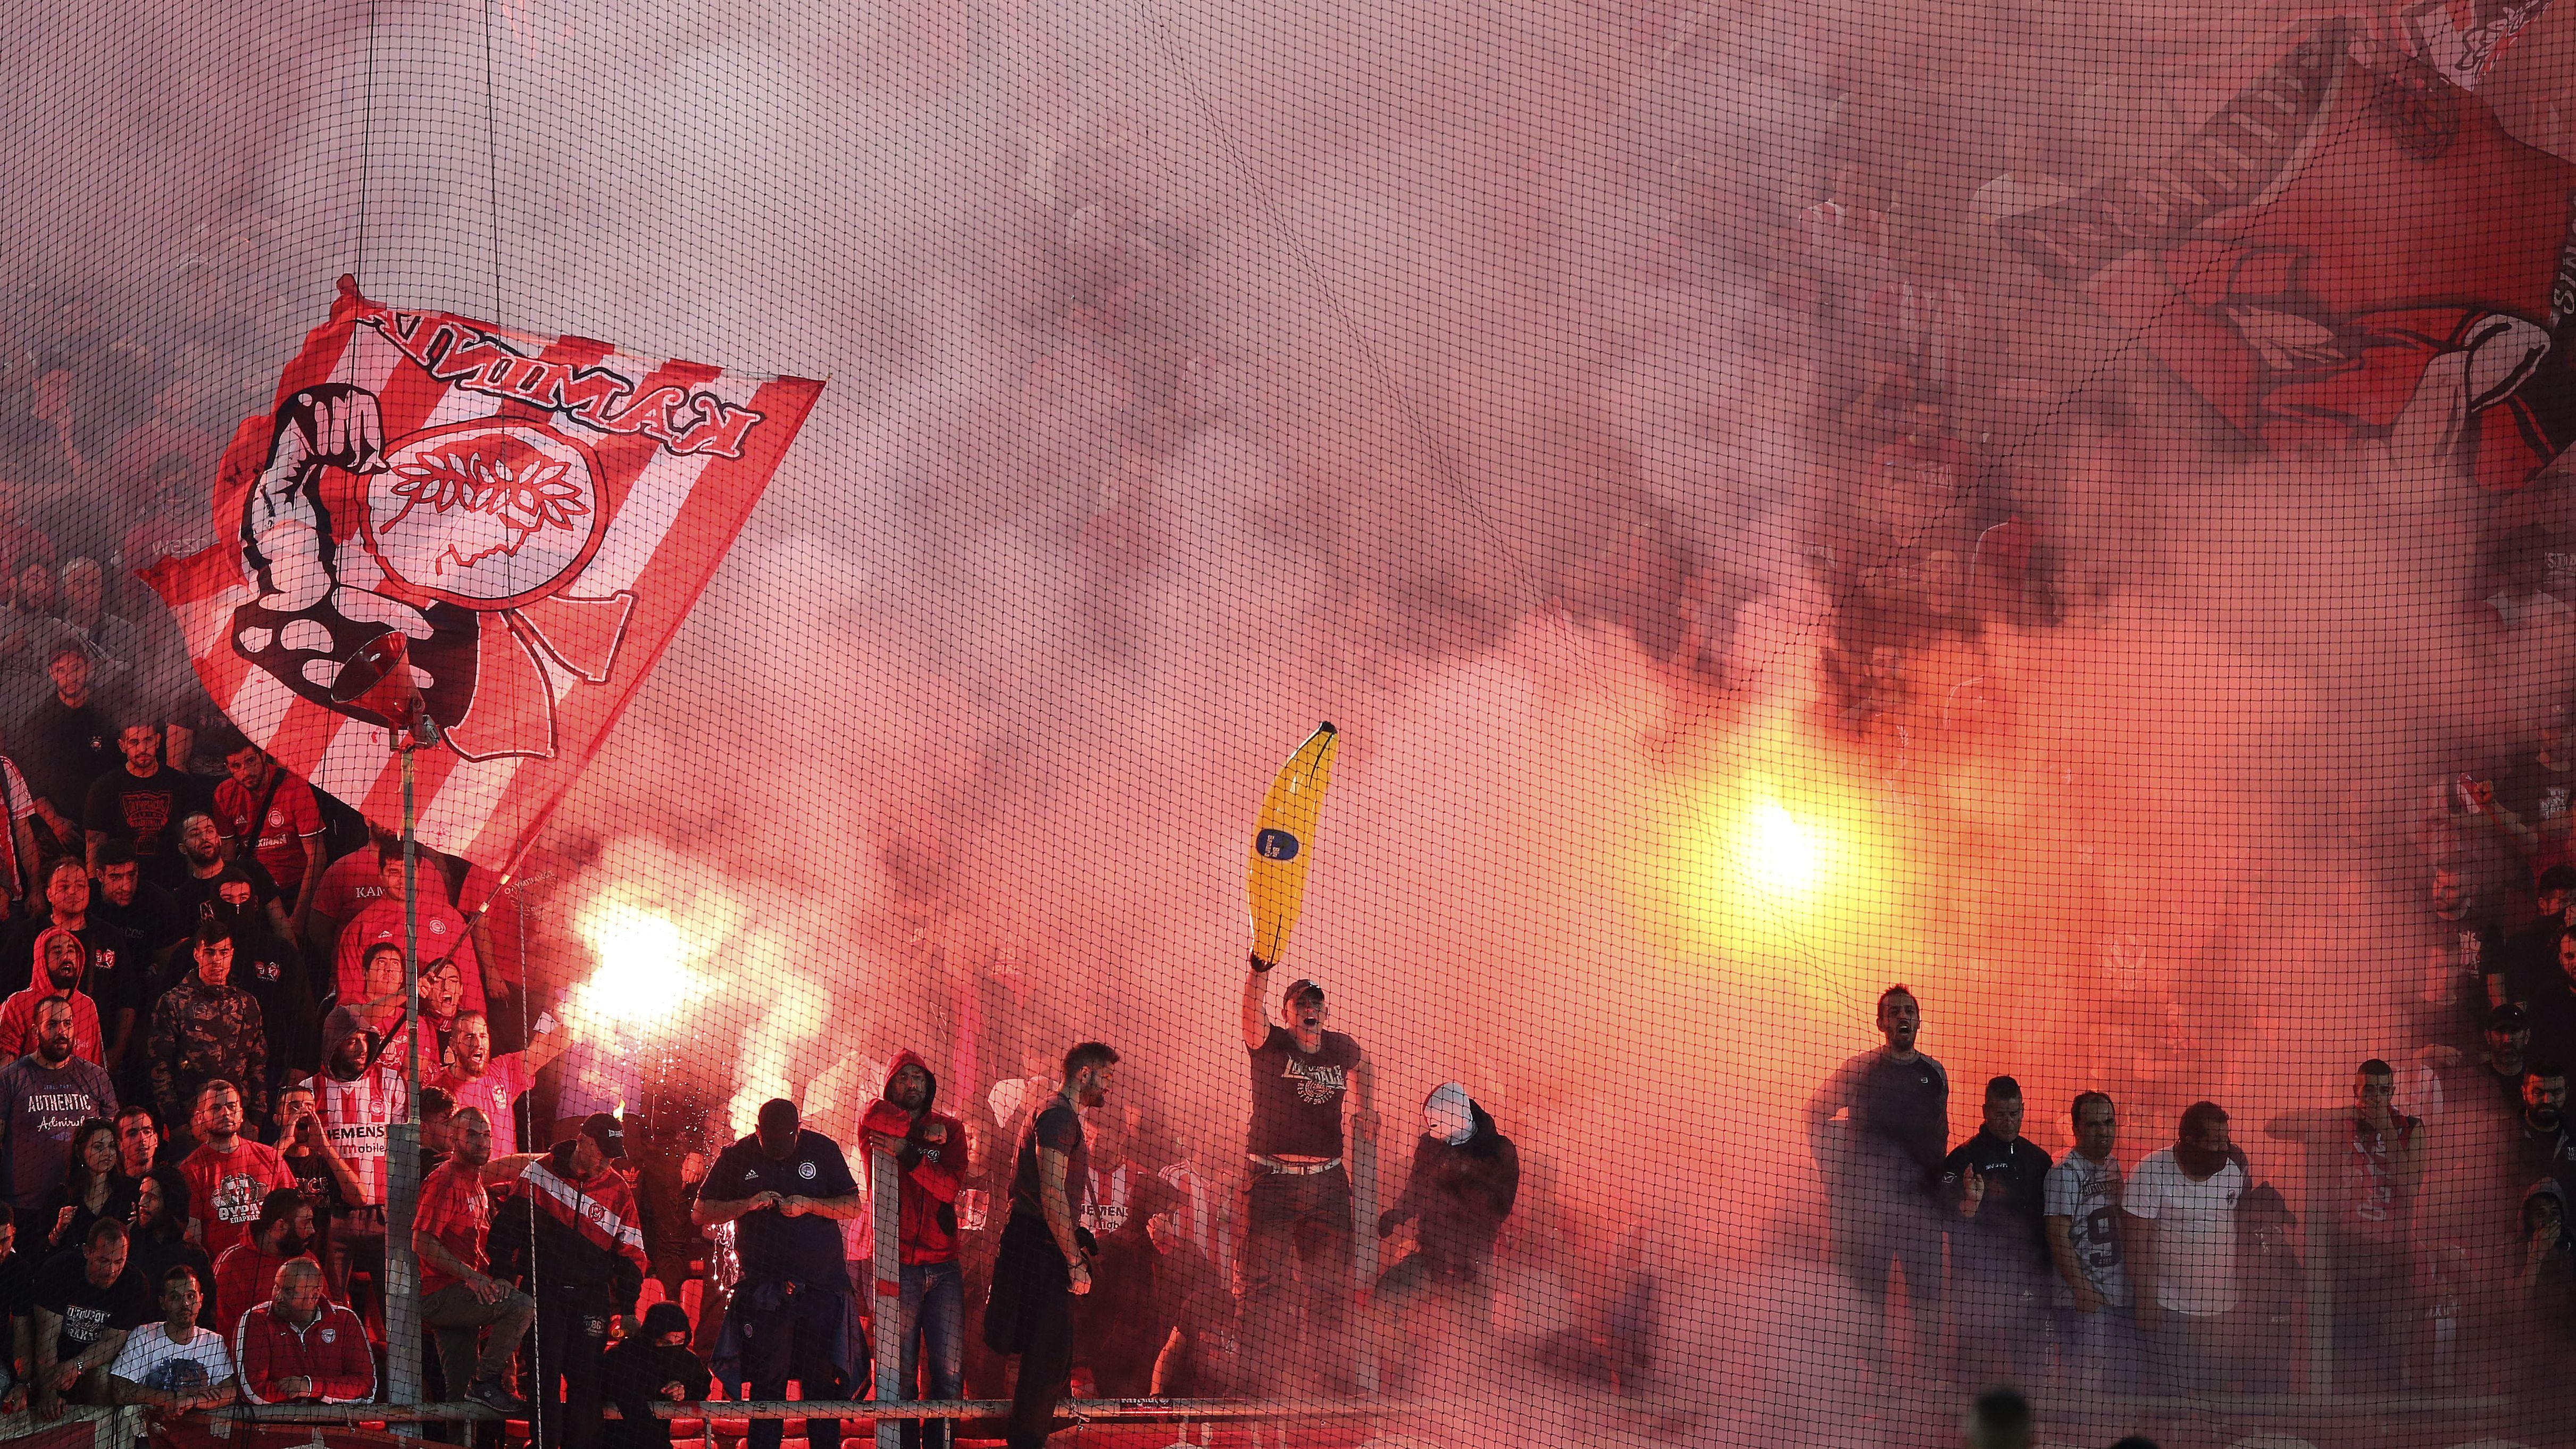 Bei Spielen von Olympiakos Piräus ist es in der Vergangenheit immer wieder zu Fan-Ausschreitungen gekommen (Symbolbild).